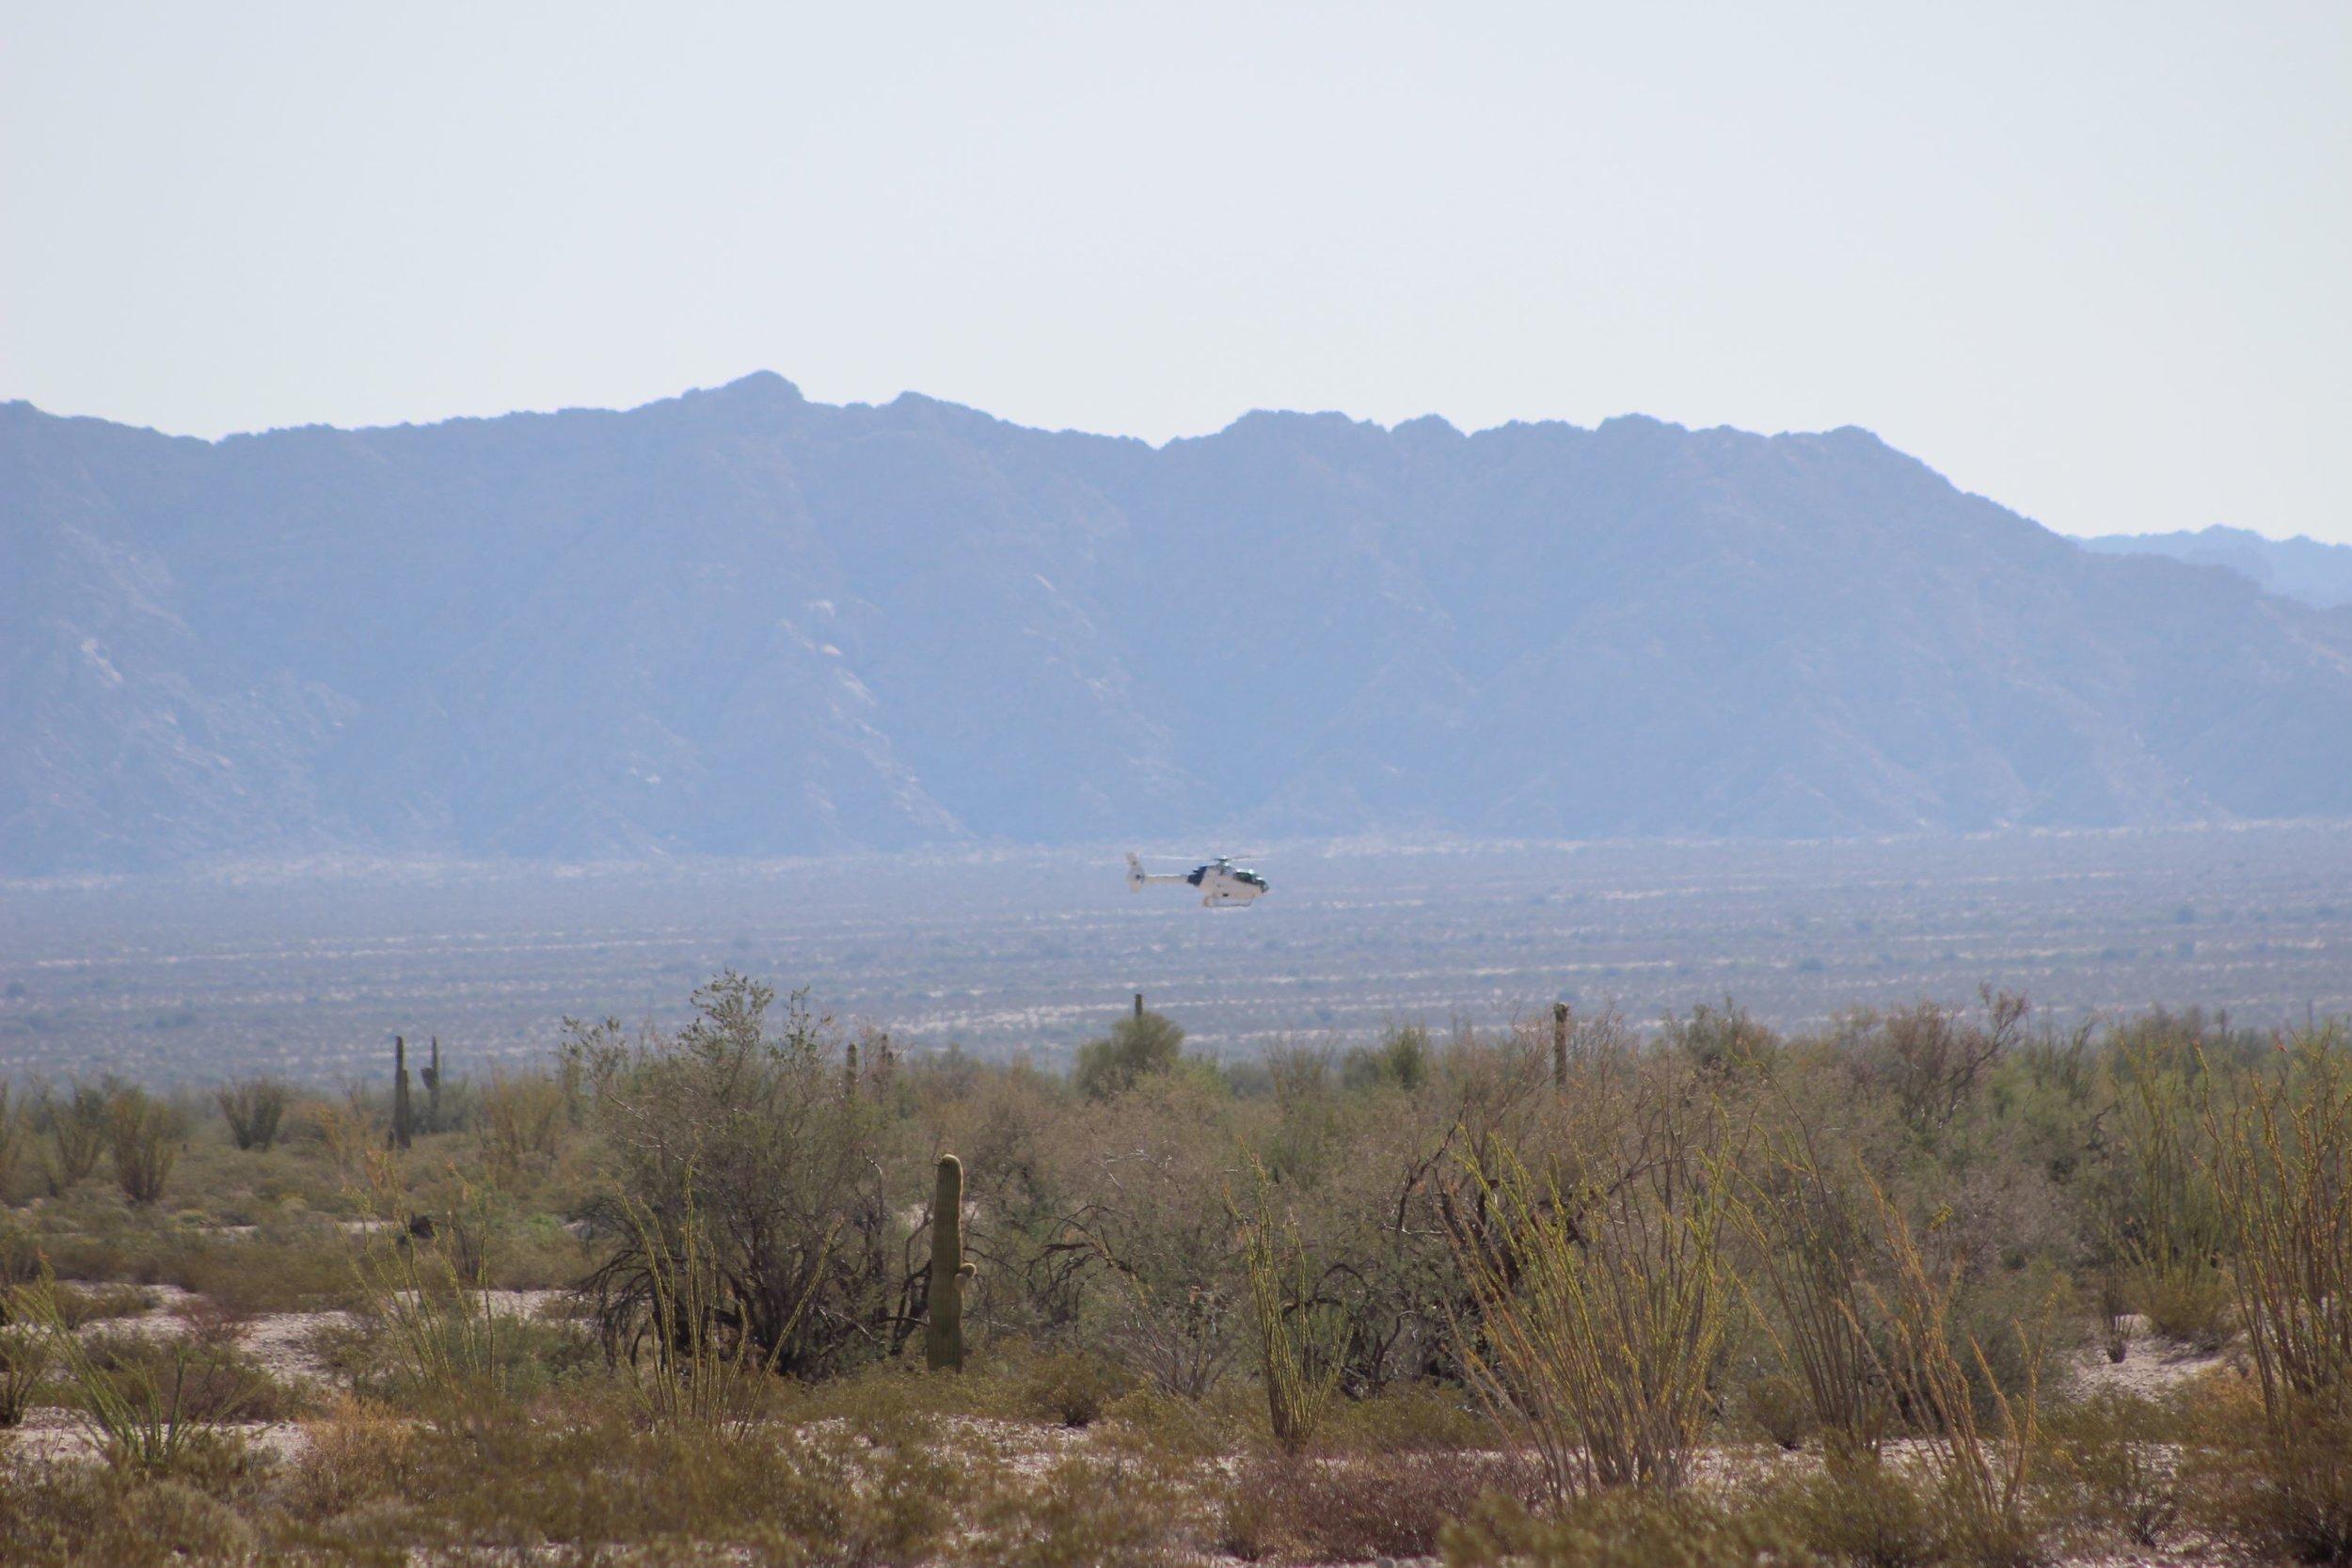 Border Patrol helicopter flying low over El Camino Del Diablo.